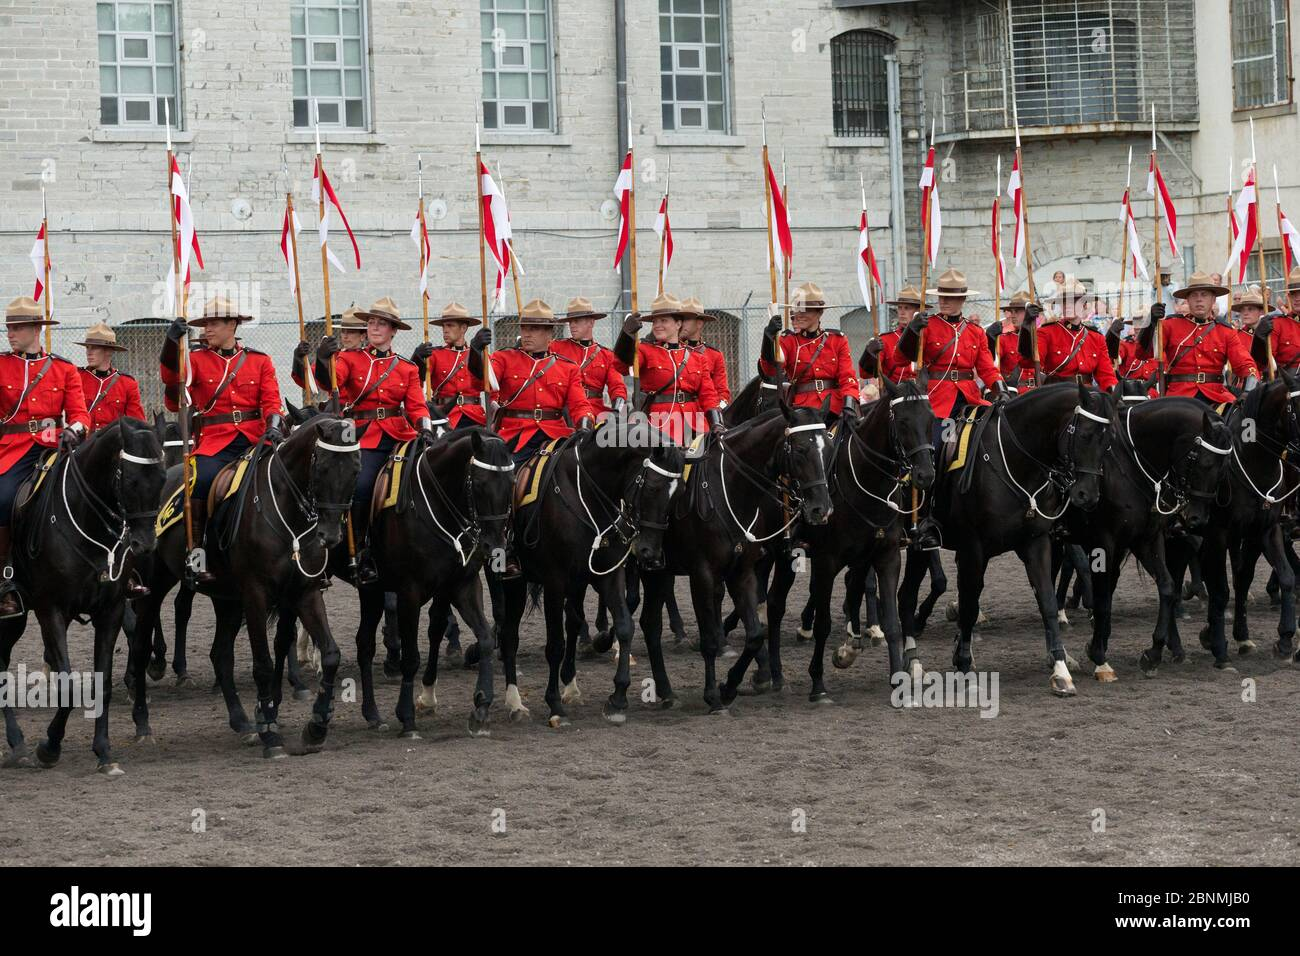 La Gendarmerie royale du Canada se présente au pénitencier de Kingston, à Kingsto, lors du concours équestre de la police nationale américaine (NAPEC) Banque D'Images